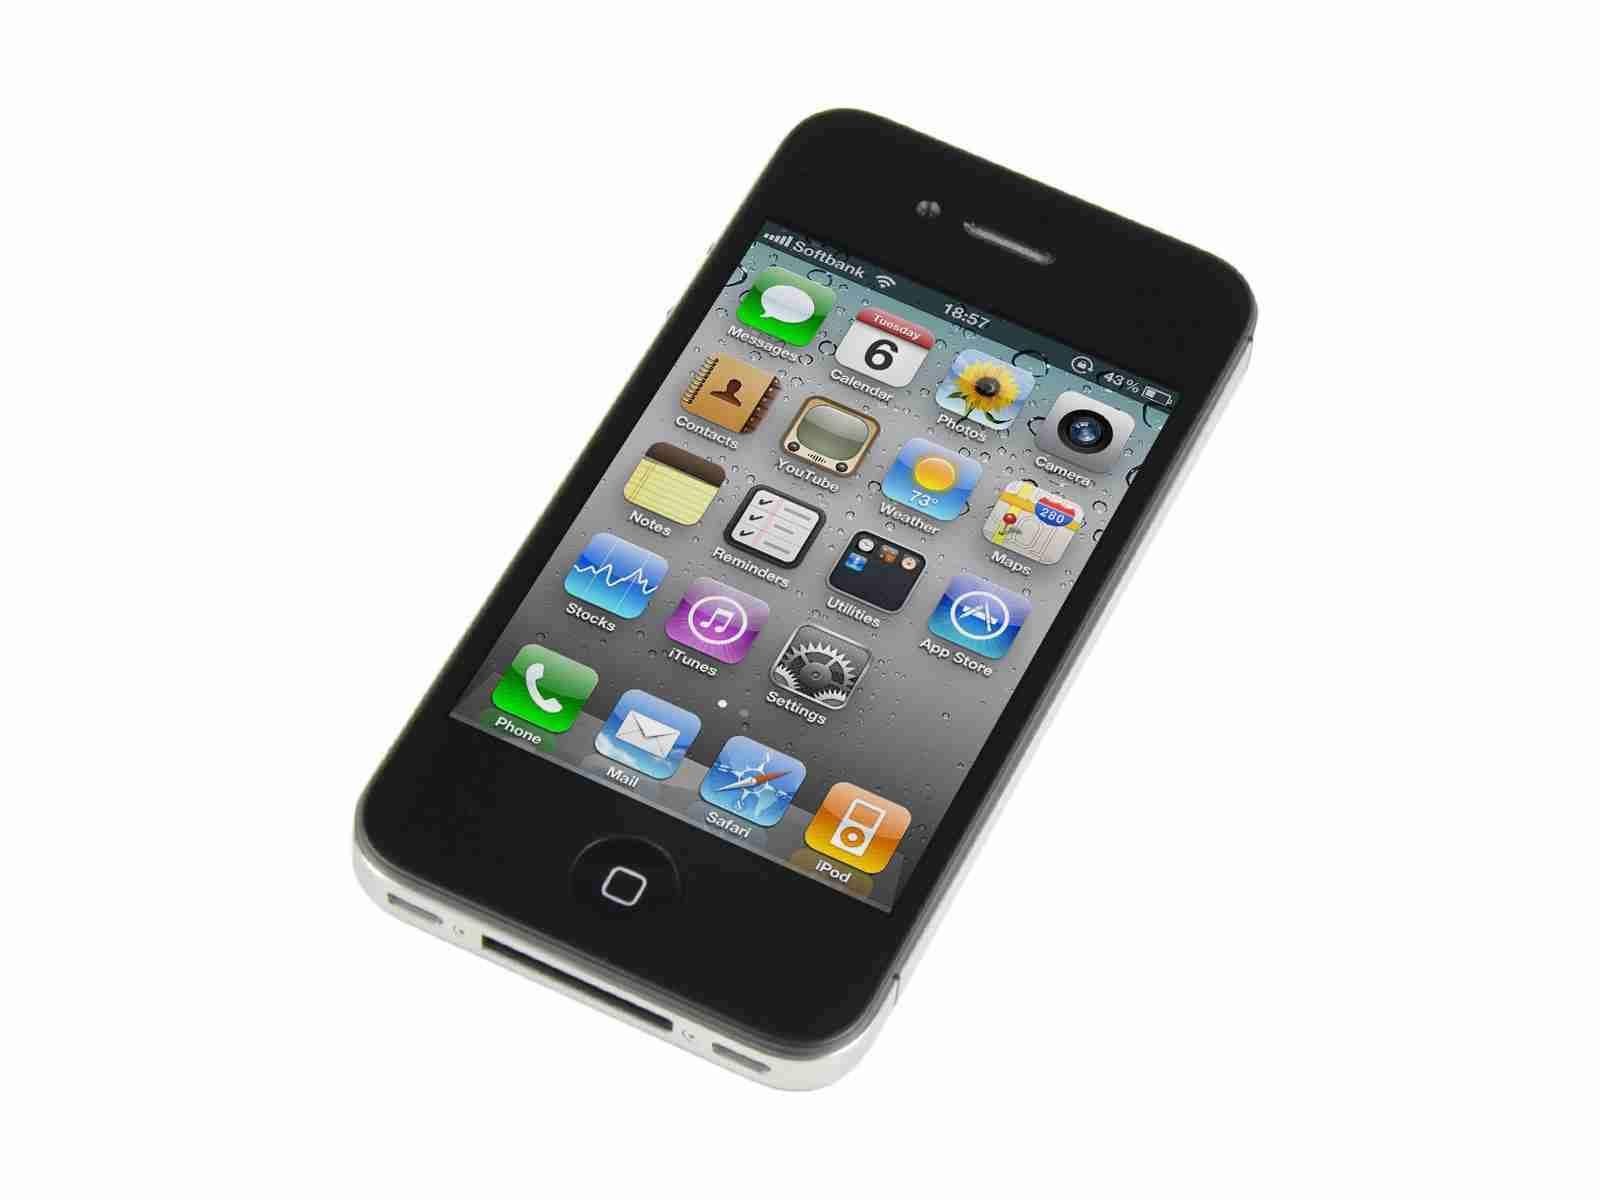 「iPhoneのSiriの画面に乗ると体重が計測できる」というツイートが拡散 もちろんデマ